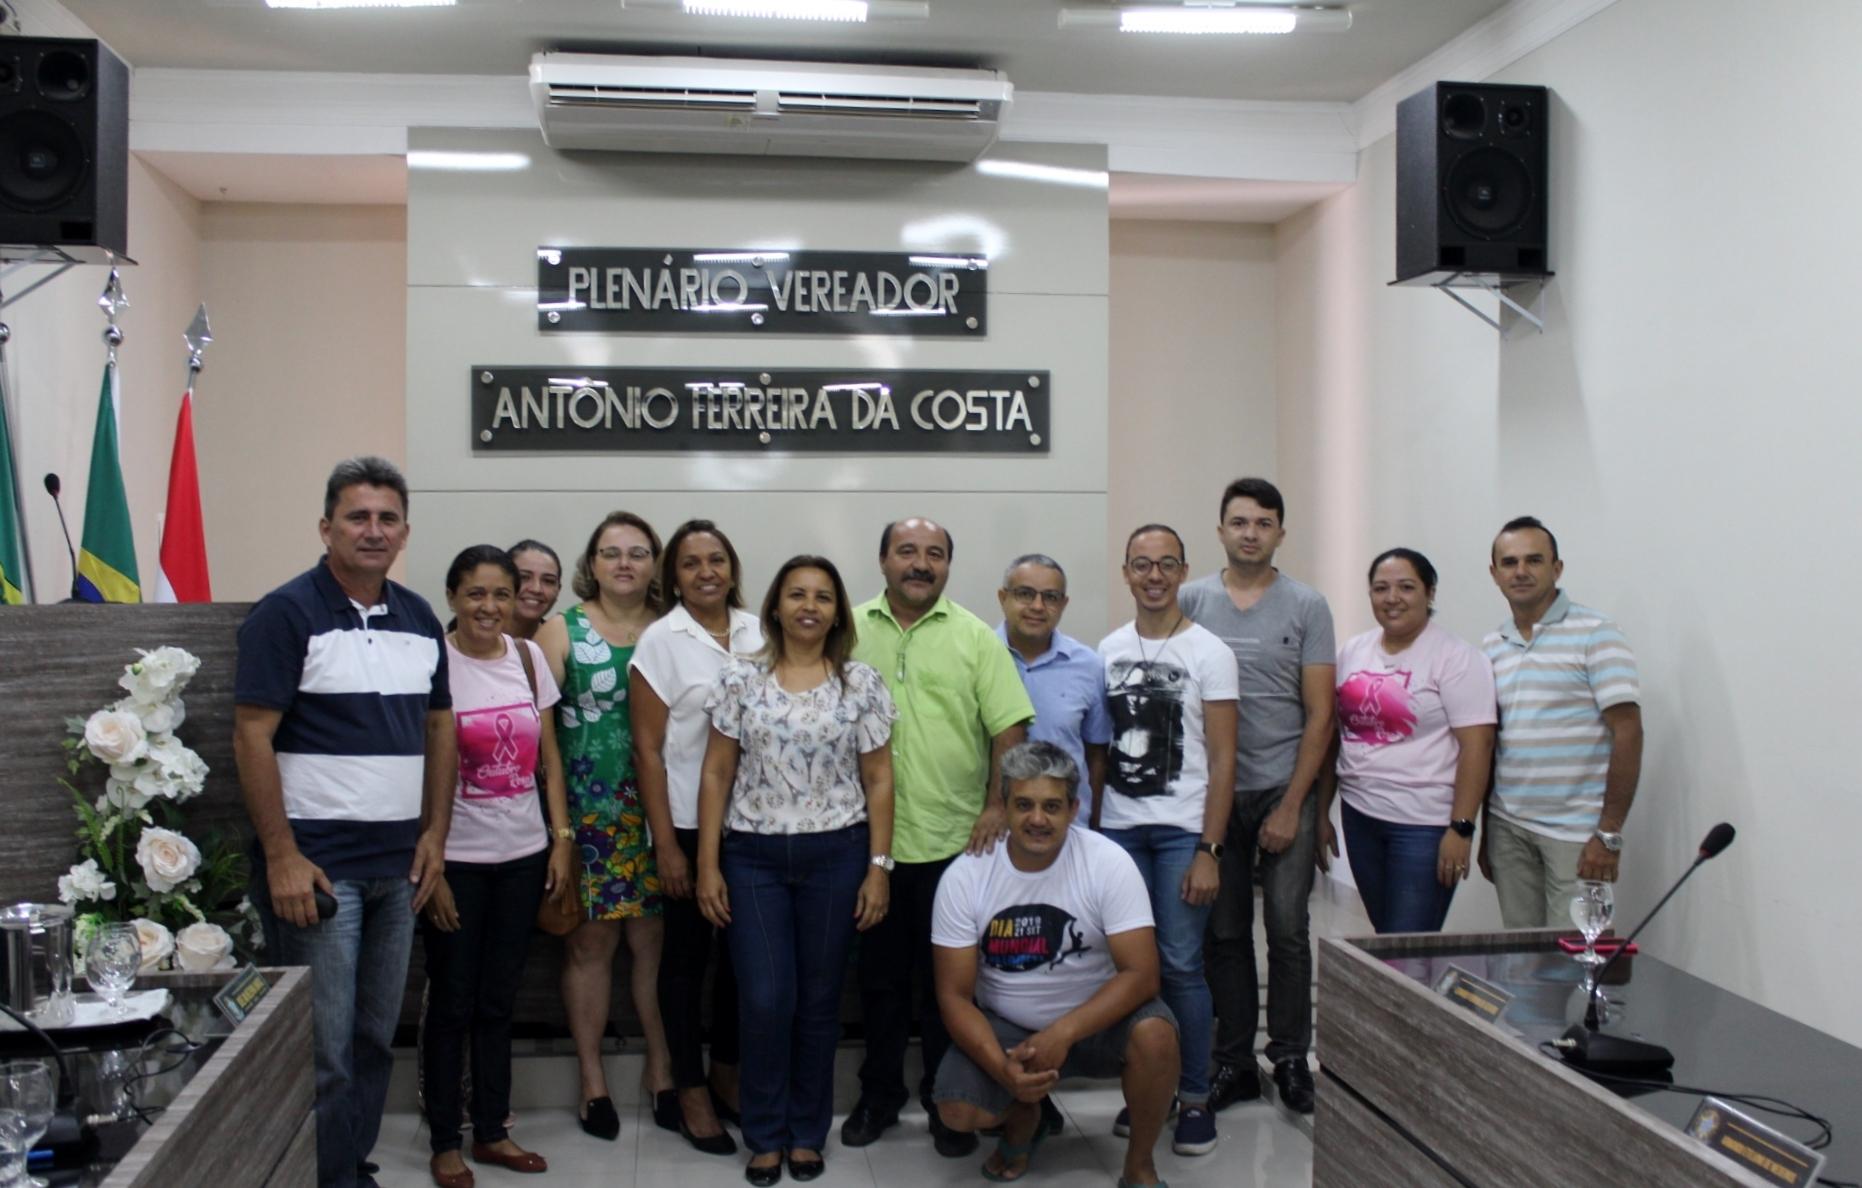 Secretaria de Saúde presta Contas em Audiência Pública na Câmara Municipal